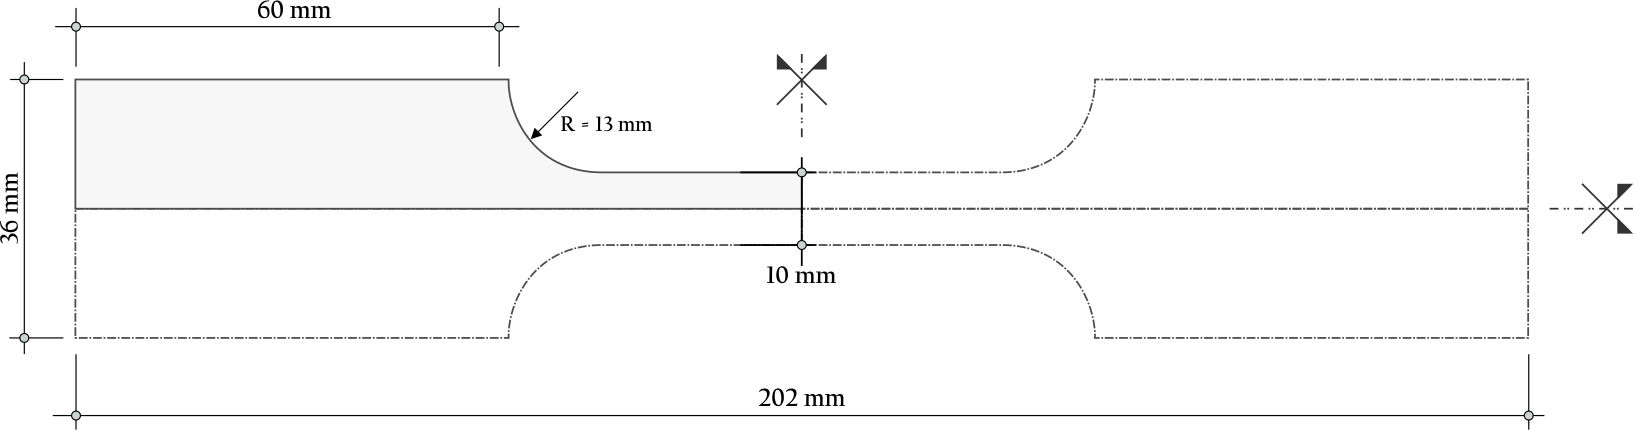 Modelo constitutivo elastoplástico com dano